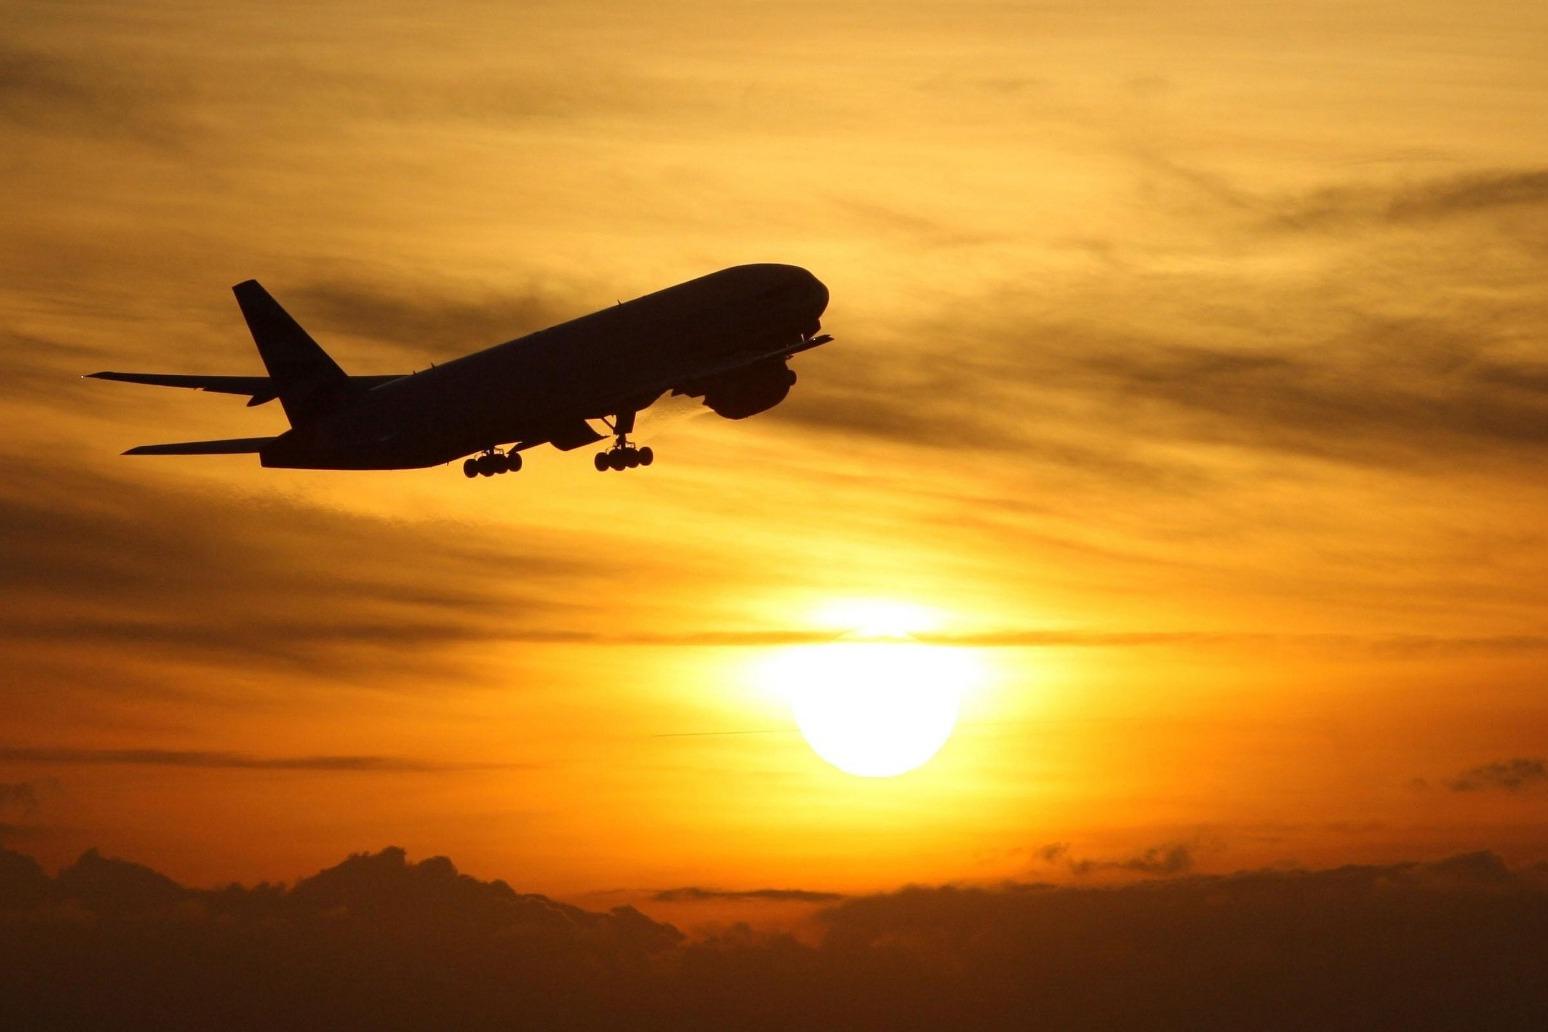 Qantas planning to restart UK-Australia flights in December